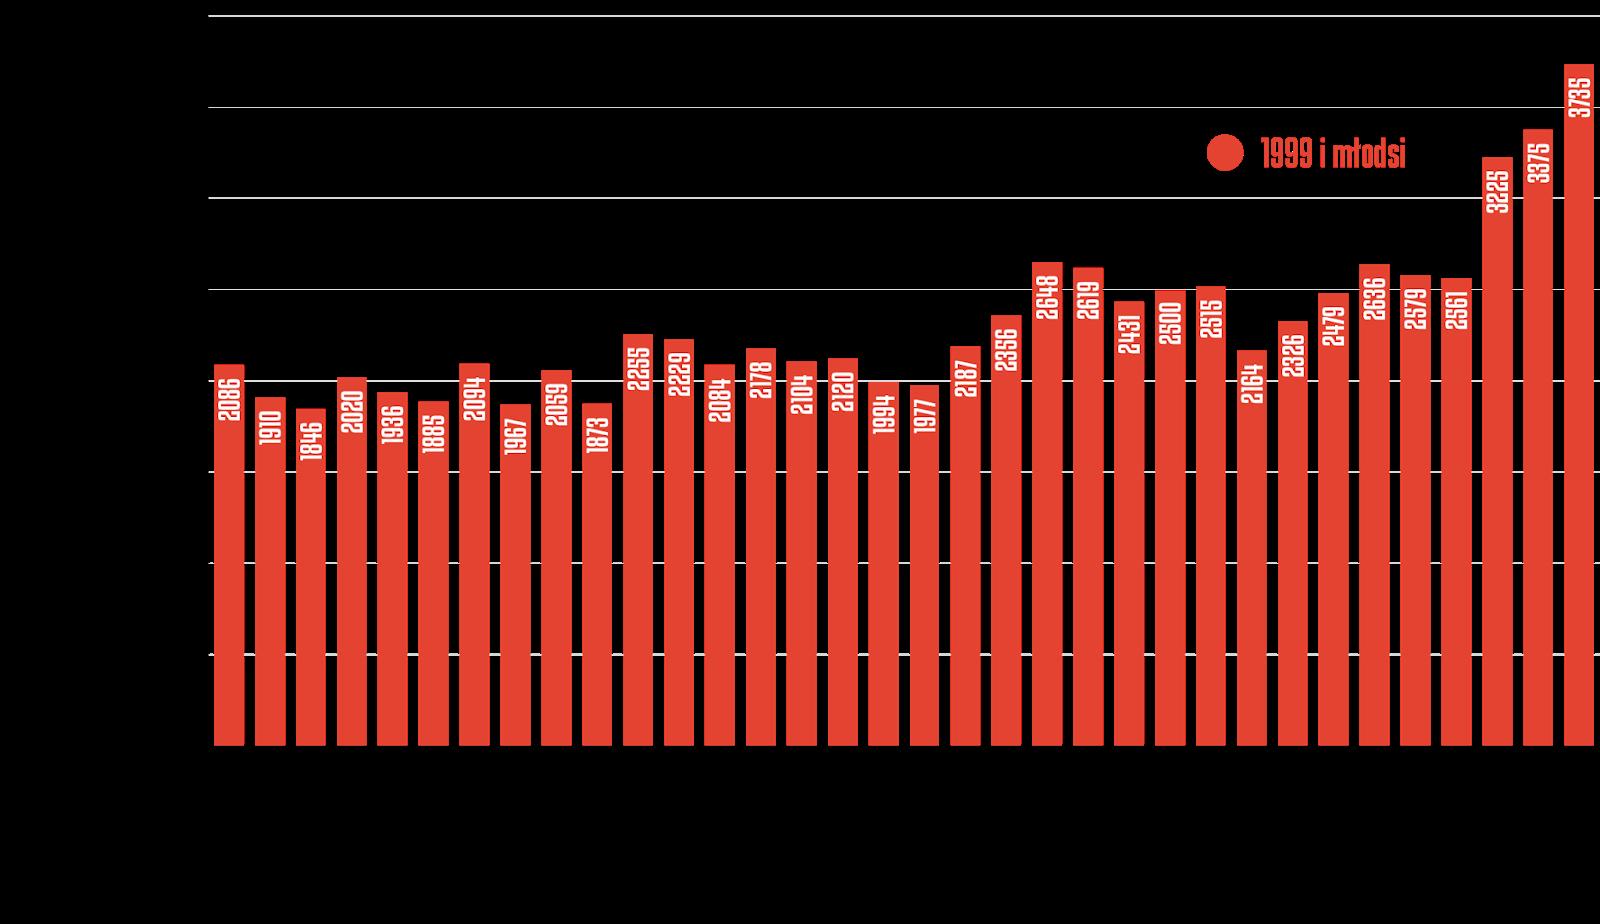 Rozegrany czas przez młodzieżowców w poszczególnych kolejkach Fortuna 1 Ligi 2019/20<br><br>Źródło: Opracowanie własne na podstawie 90minut.pl<br><br>graf. Bartosz Urban